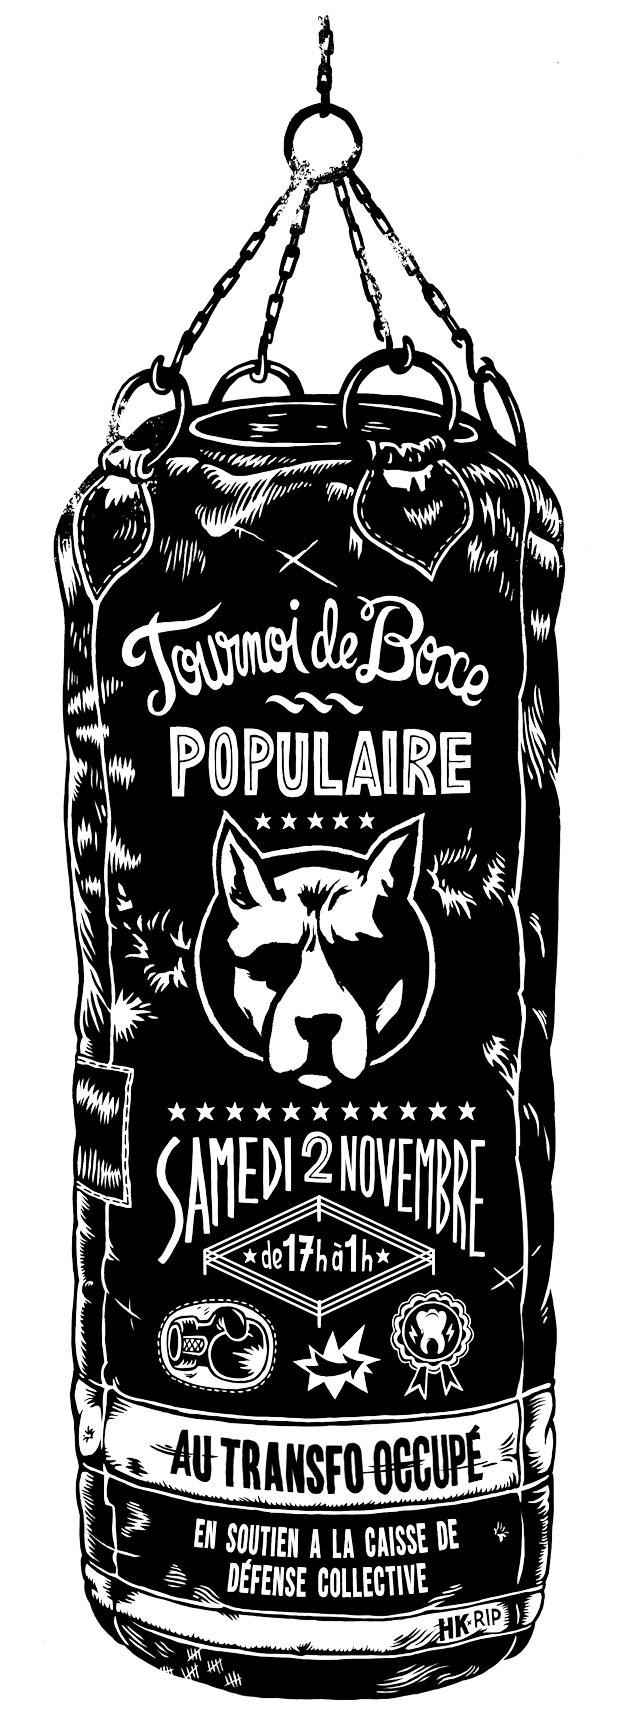 2013-11-02_Bagnolet_Transfo_TournoiBoxe